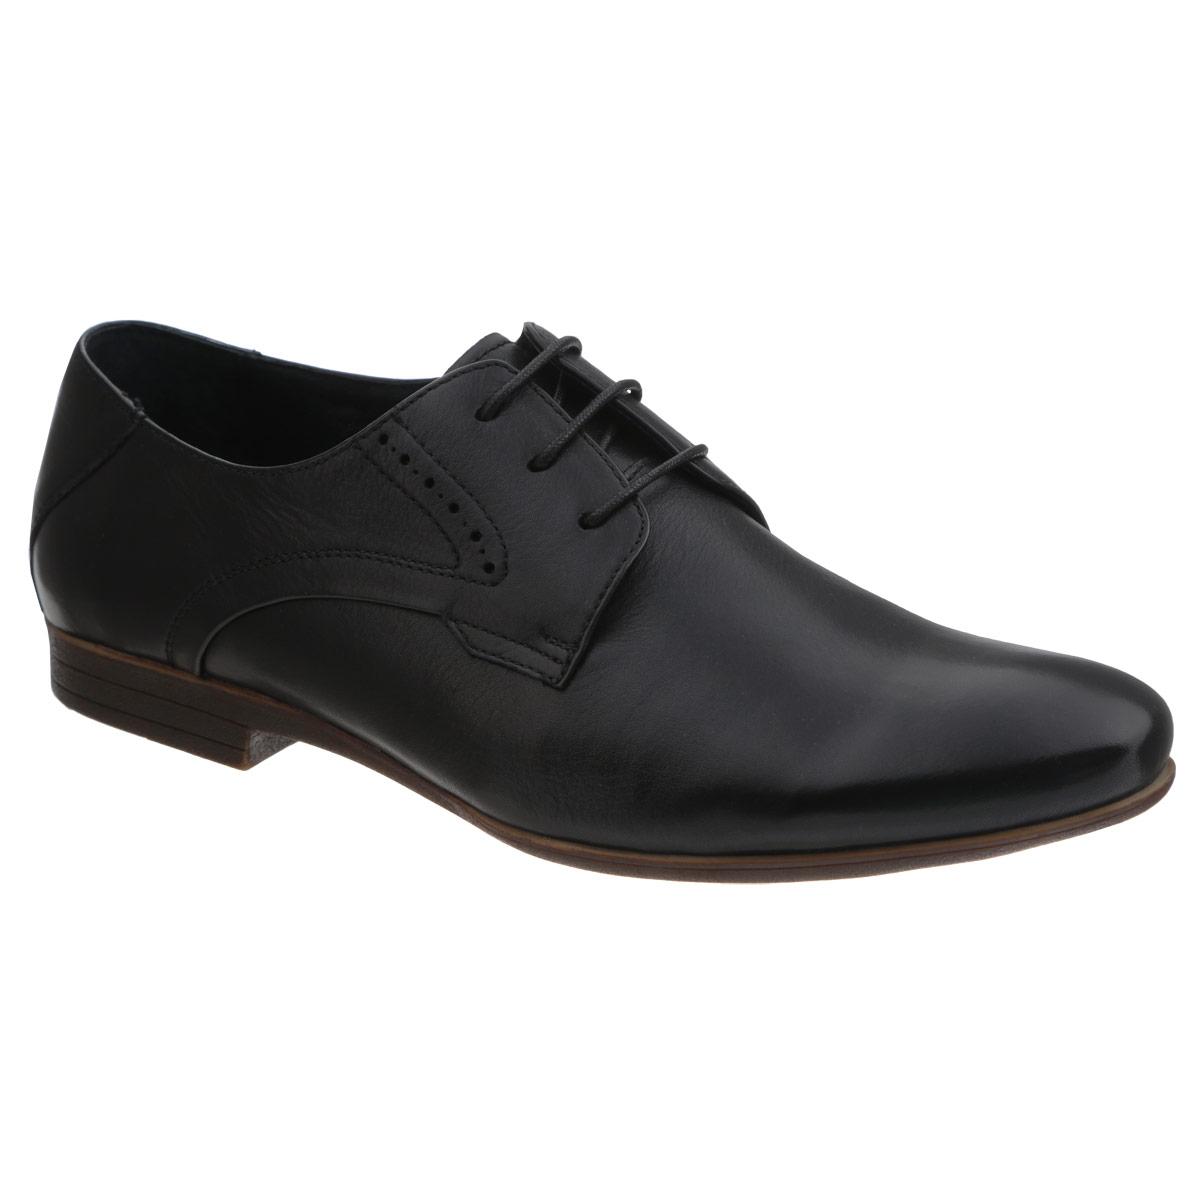 Туфли мужские. 106-67106-67-11Элегантные мужские туфли от Dino Ricci займут достойное место среди вашей коллекции обуви. Модель выполнена из натуральной высококачественной кожи и оформлена перфорацией на подъеме. Шнуровка позволяет прочно зафиксировать модель на ноге. Стелька из натуральной кожи оснащена перфорацией, позволяющей вашим ногам дышать. Каблук и подошва с рифлением обеспечивают отличное сцепление с поверхностью. Стильные туфли прекрасно дополнят ваш деловой образ.